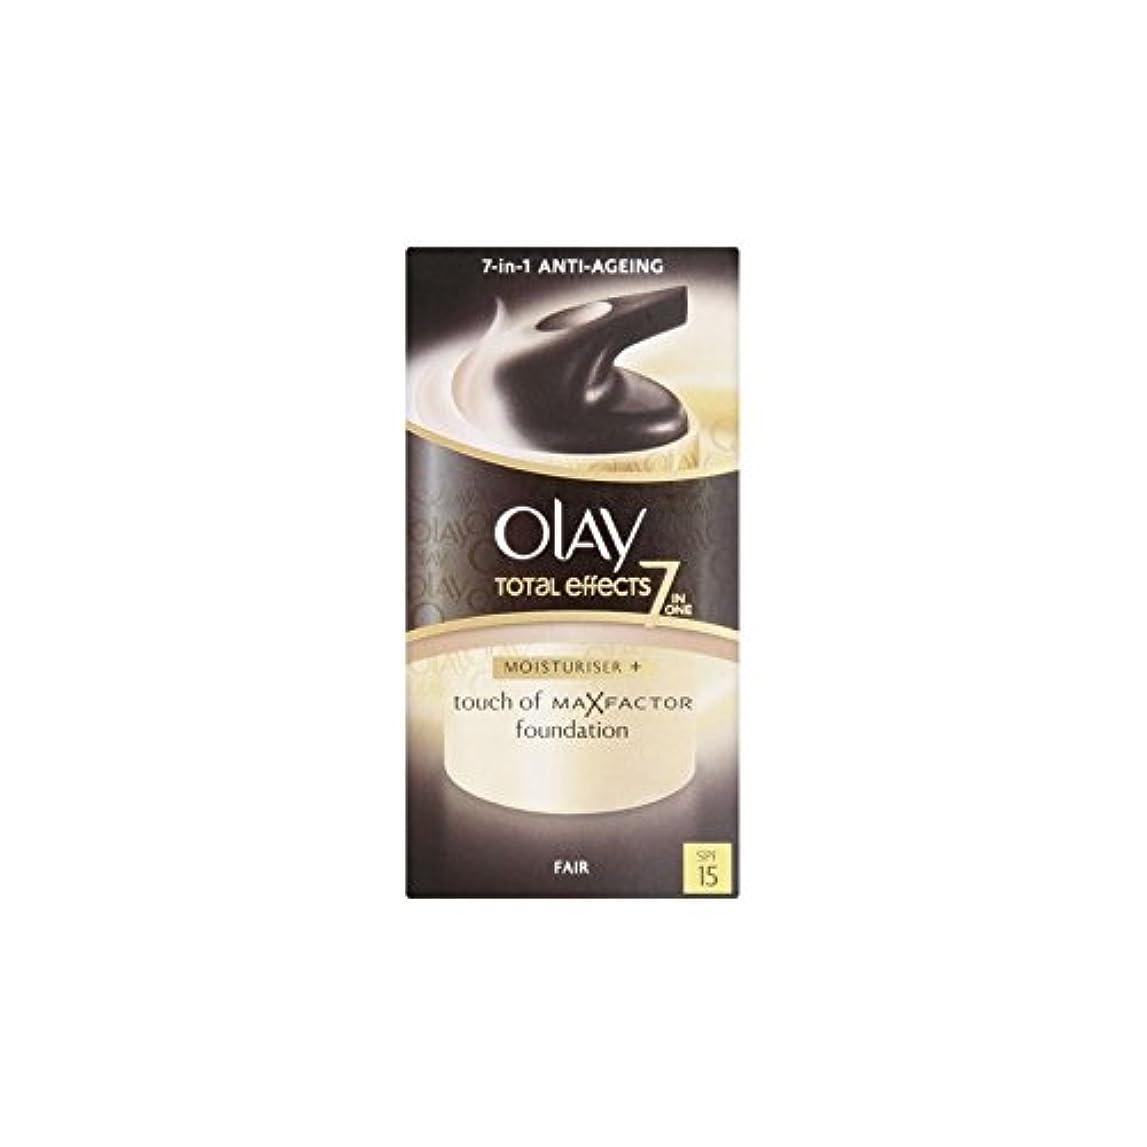 手荷物キー作曲家オーレイトータルエフェクト保湿クリーム15 - フェア(50ミリリットル) x2 - Olay Total Effects Moisturiser Bb Cream Spf15 - Fair (50ml) (Pack of...